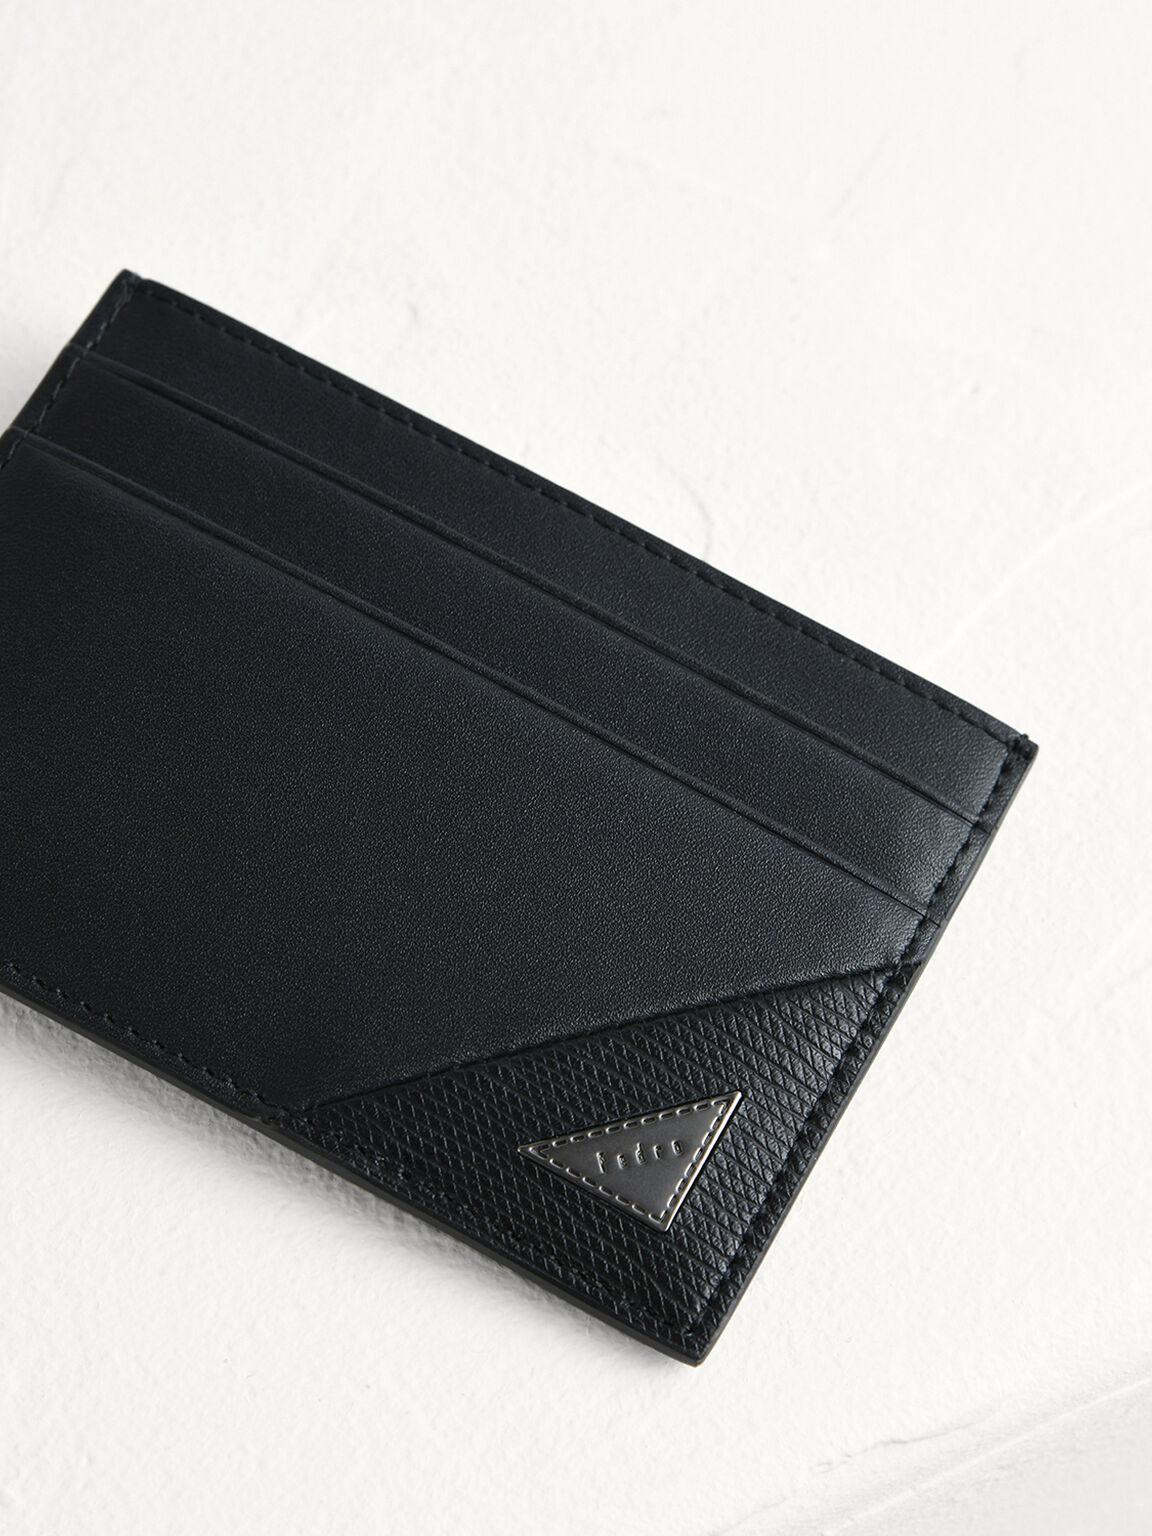 皮革卡包, 黑色, hi-res